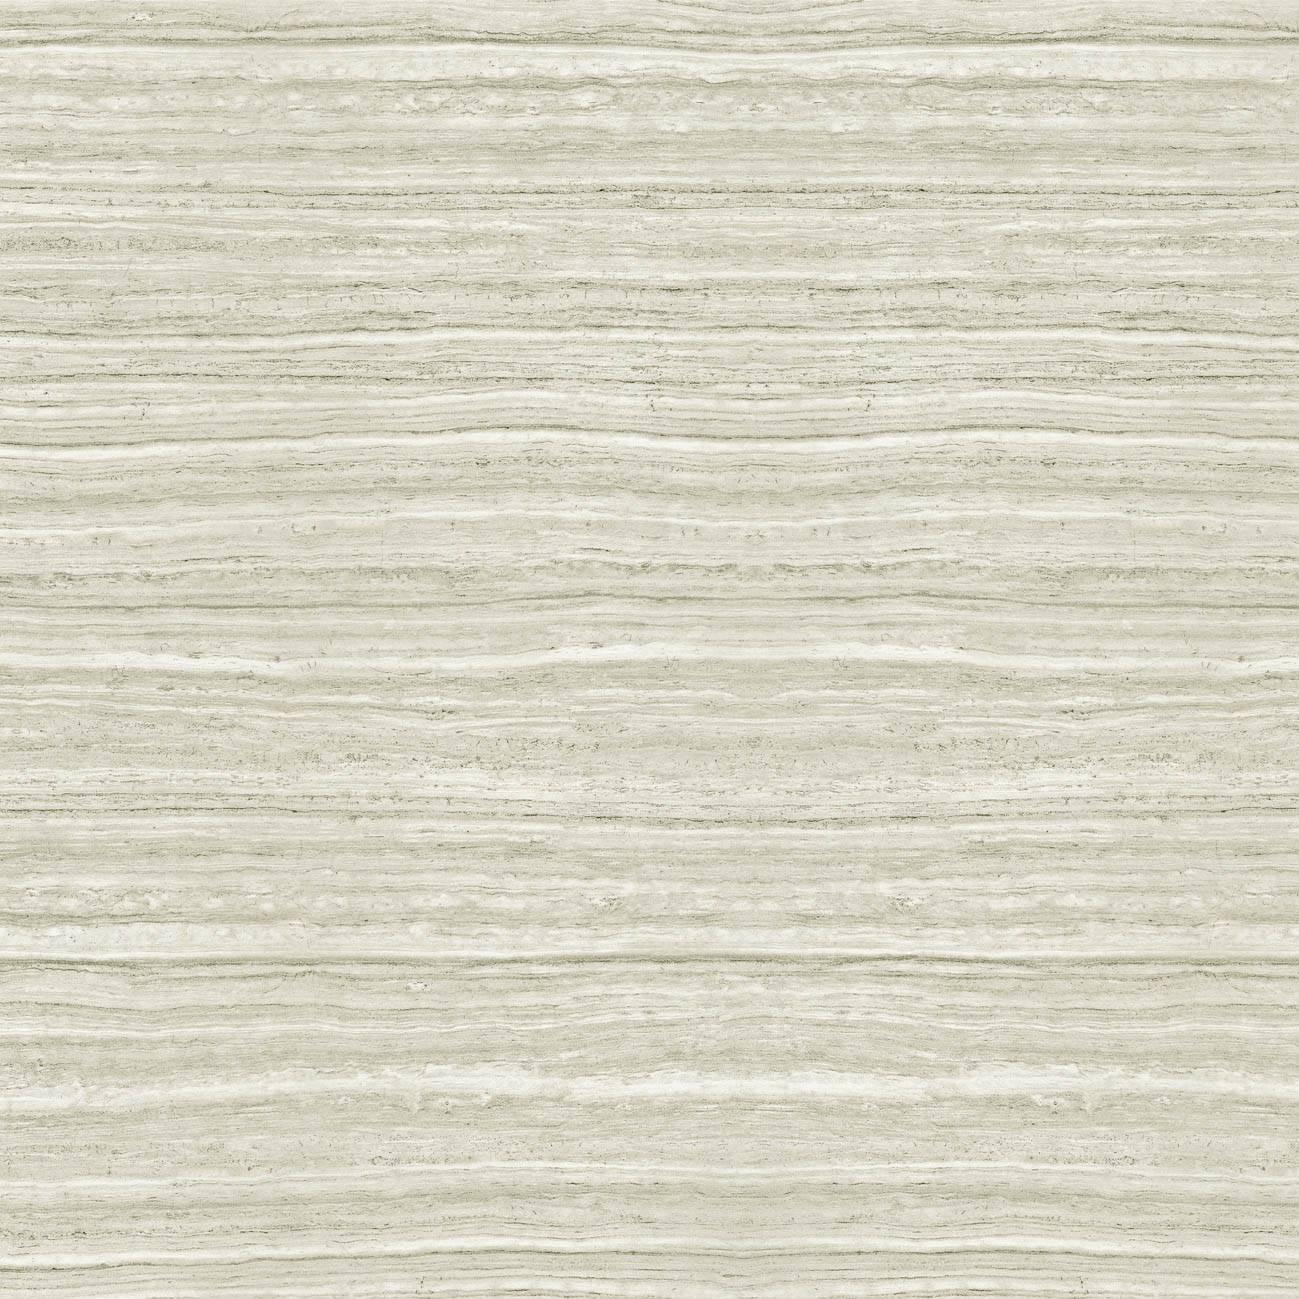 600x600mm full polished porcelain floor tile